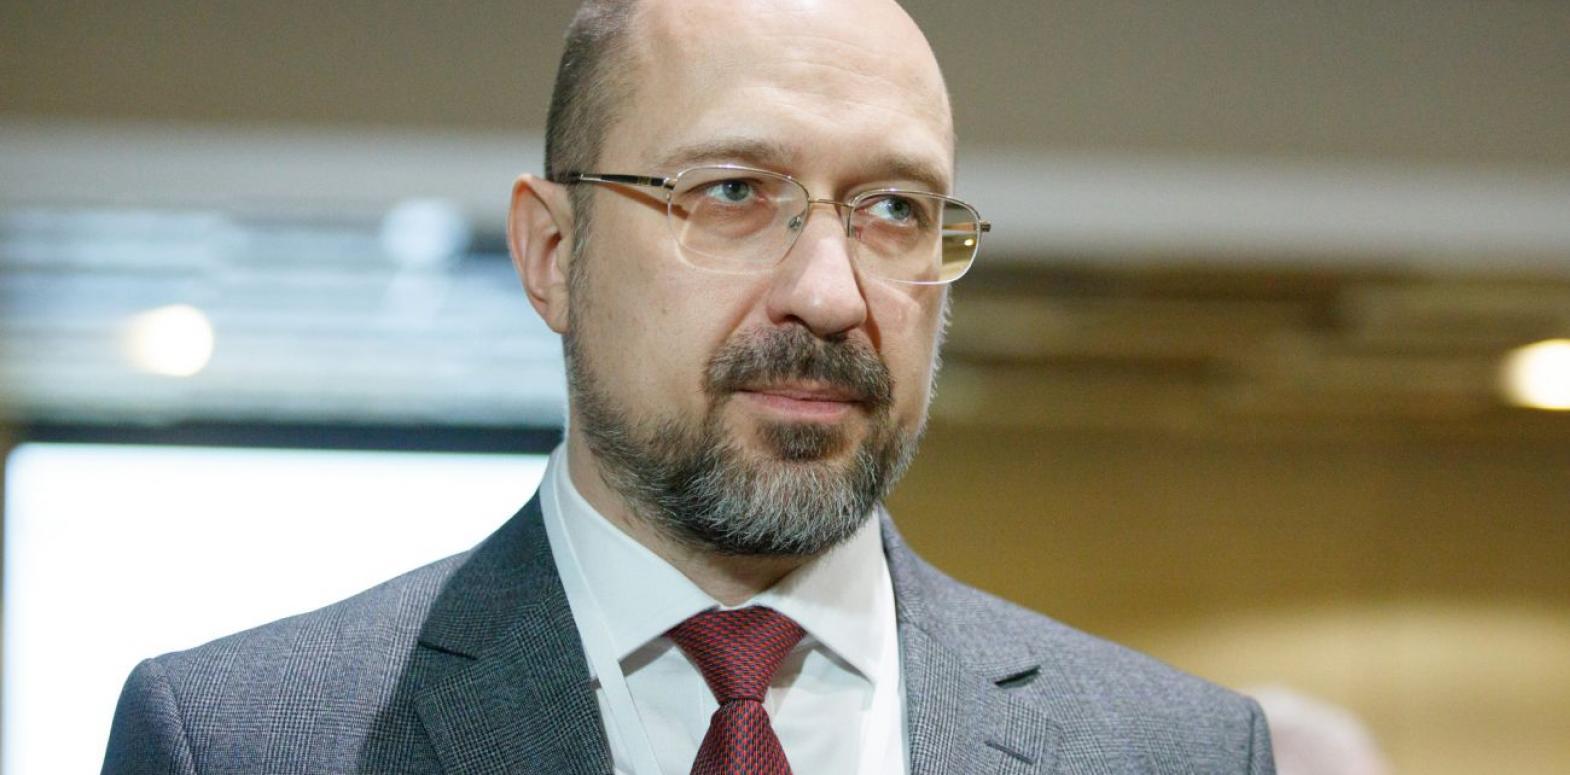 Шмыгаль: без газа украинцы не останутся, веерных отключений света не будет